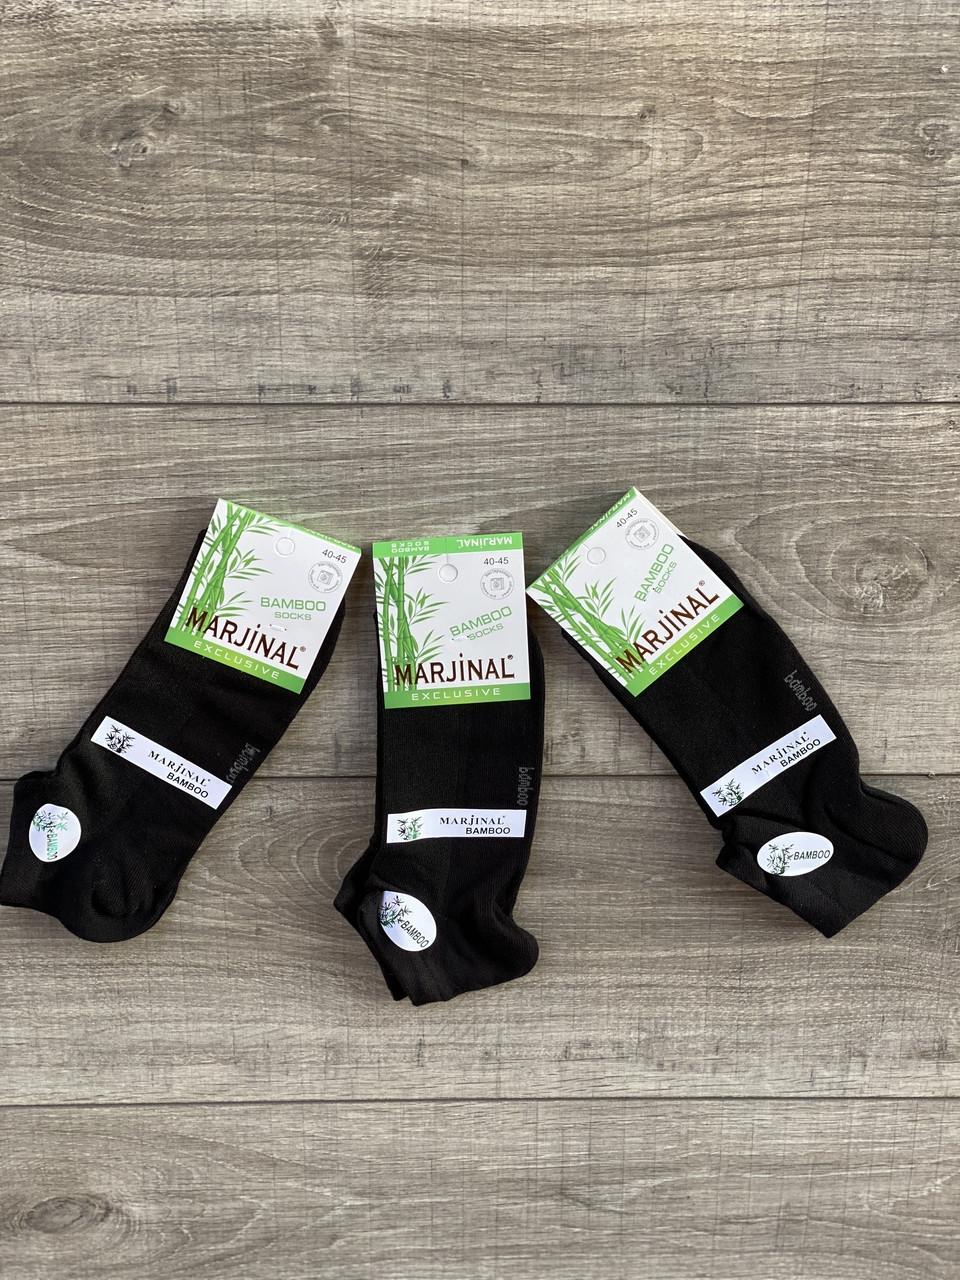 Чоловічі шкарпетки короткі бамбук Marjinal однотонні в сітку 40-45 12 шт в уп чорні